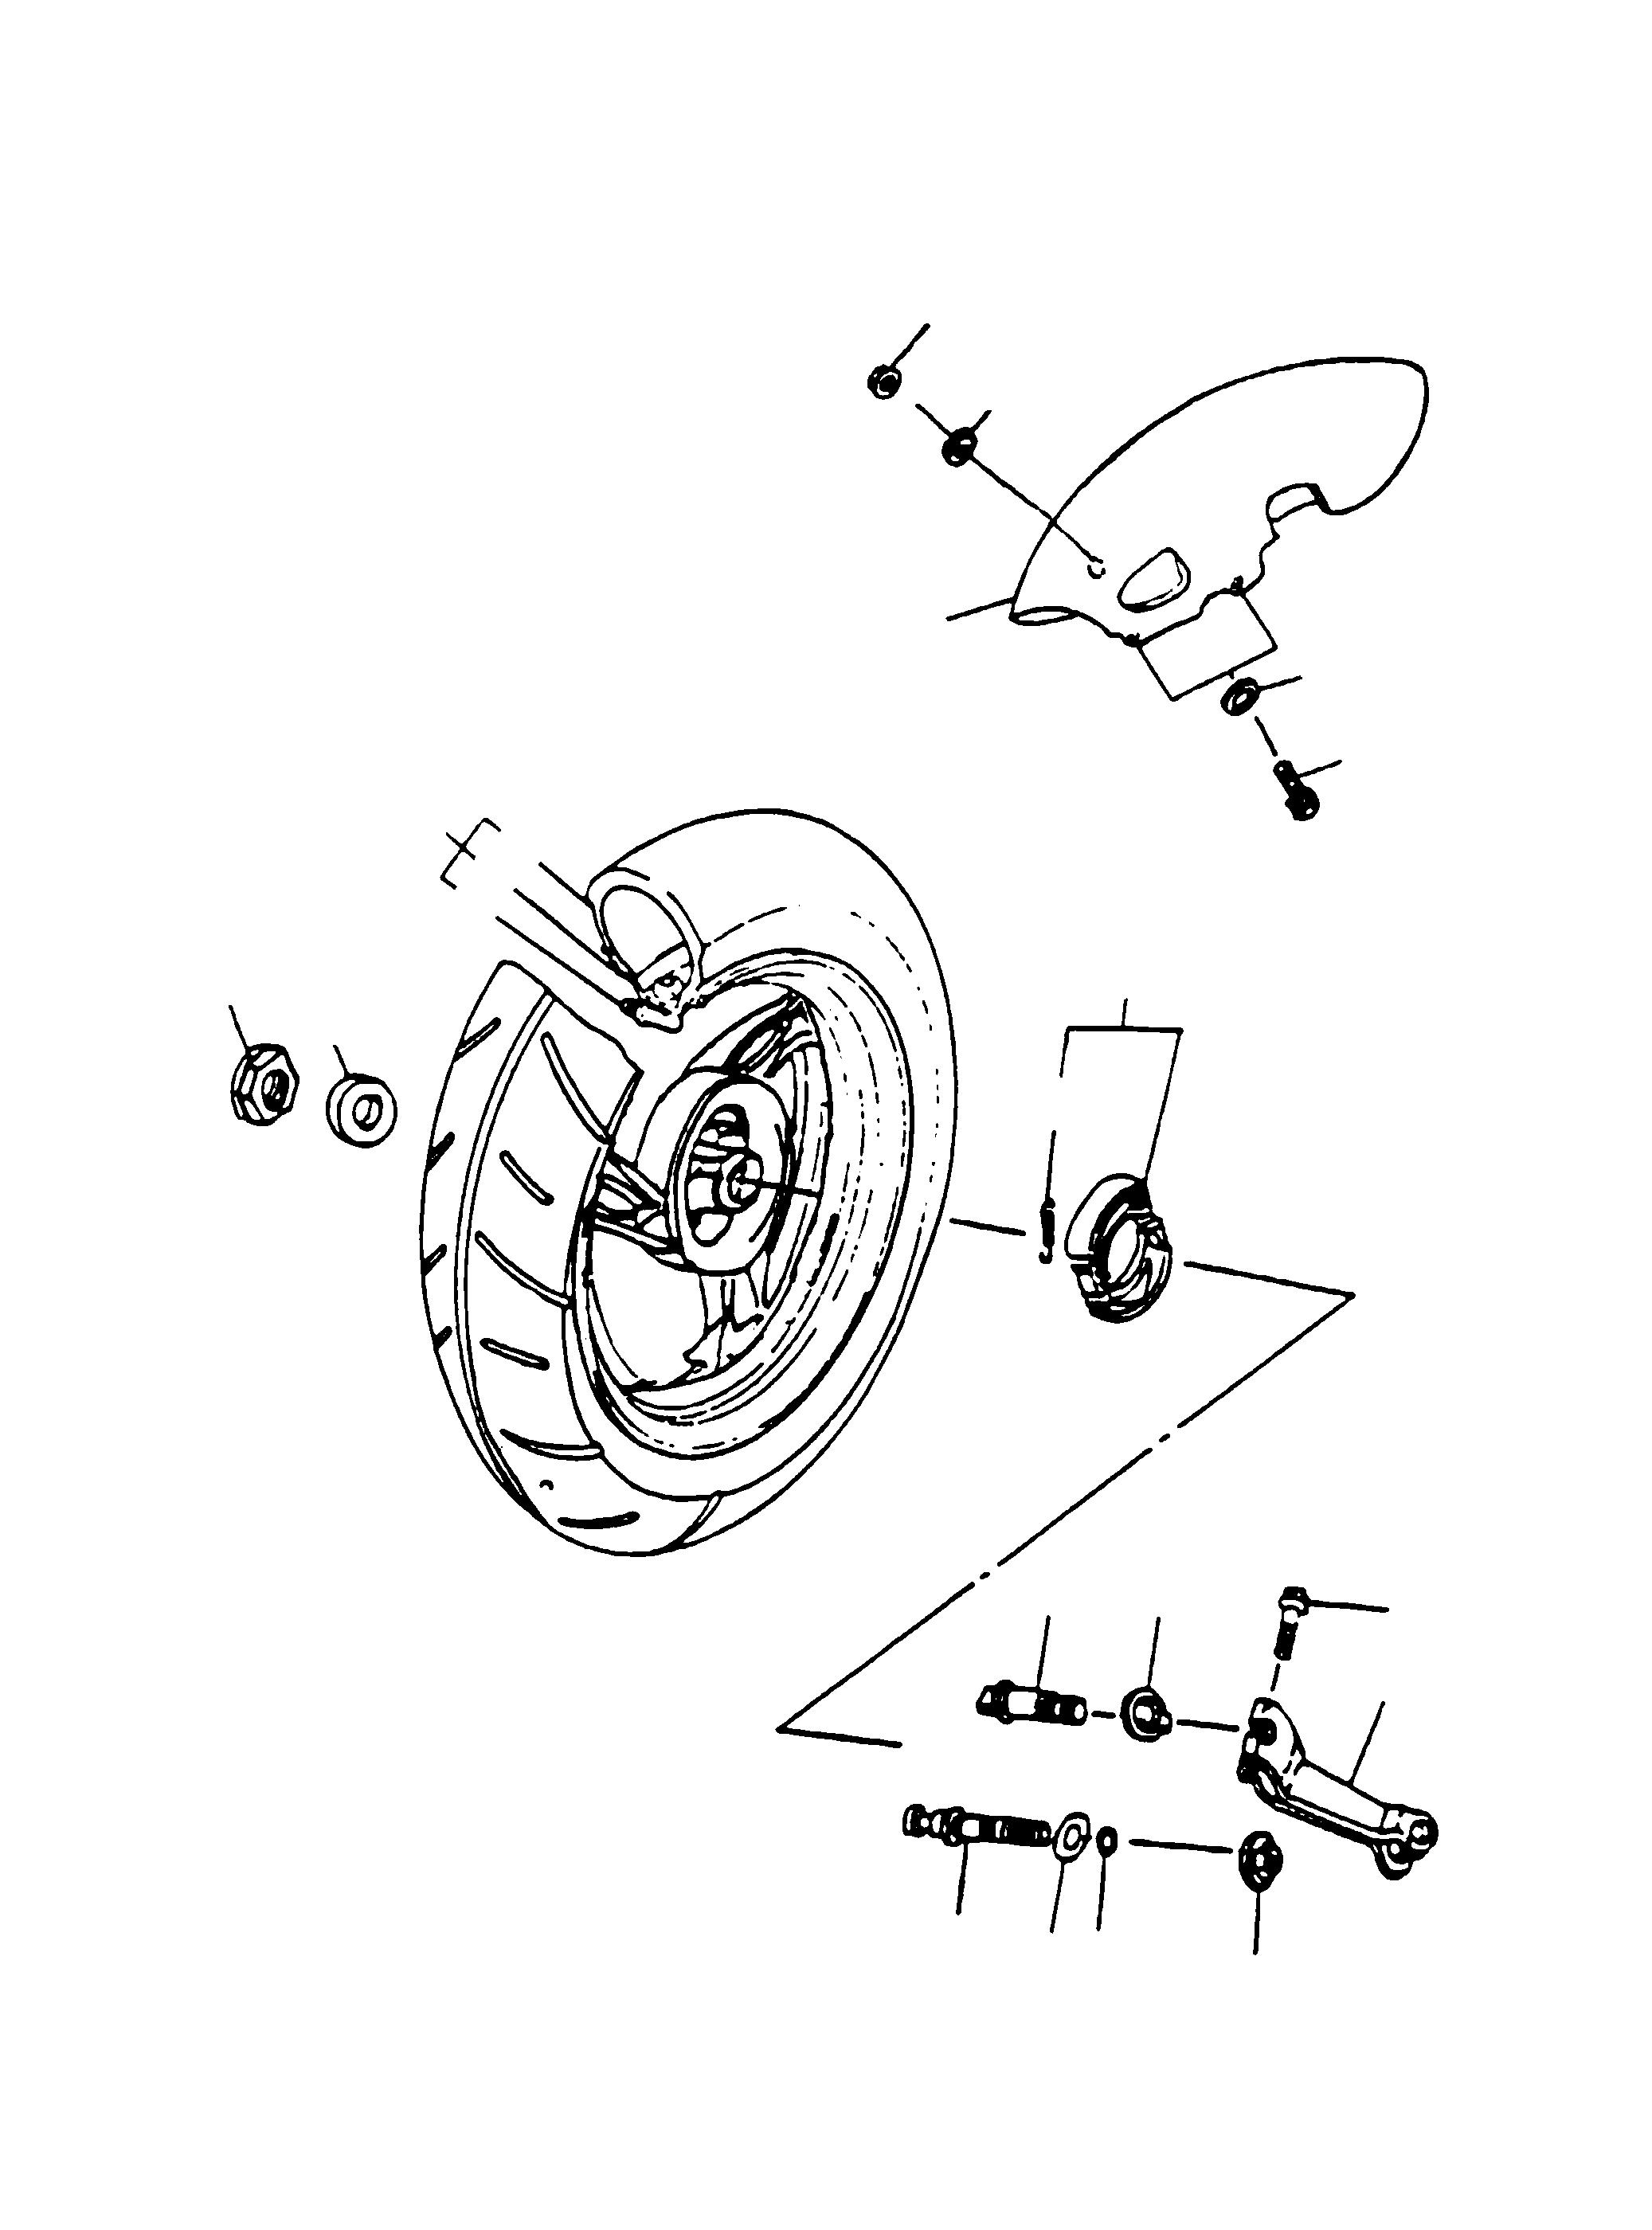 Hinterrad, Kotflügel, Bremse hi.